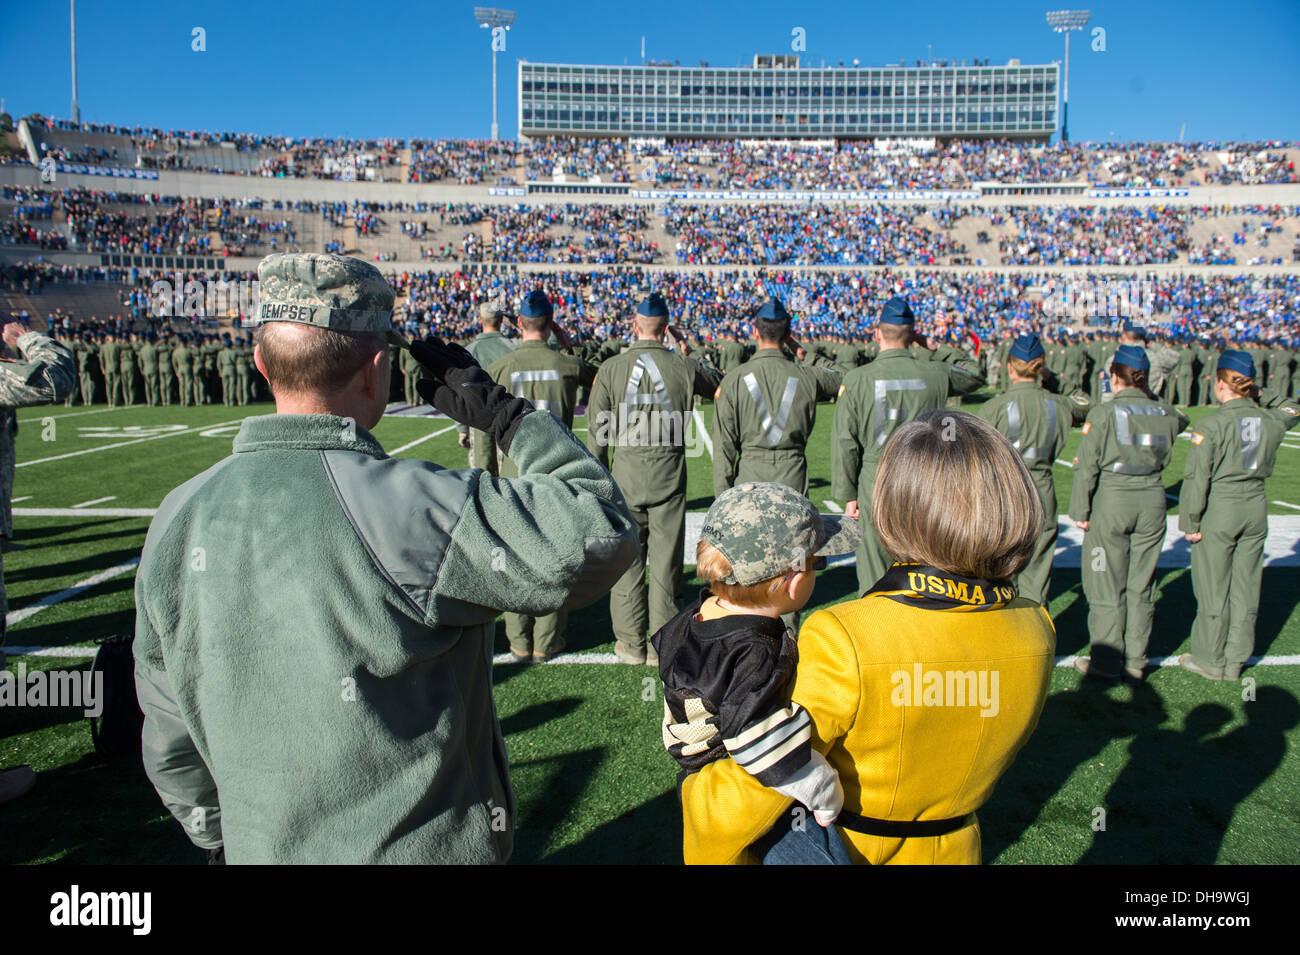 Presidente del Comune di capi di Stato Maggiore gen. Martin E. Dempsey, sua moglie la signora Deanie e uno dei loro nipoti a Falcon Stadium durante una Forza Aerea versetti Esercito del gioco del calcio in Colorado Springs, Colorado, nov. 02, 2013. Immagini Stock